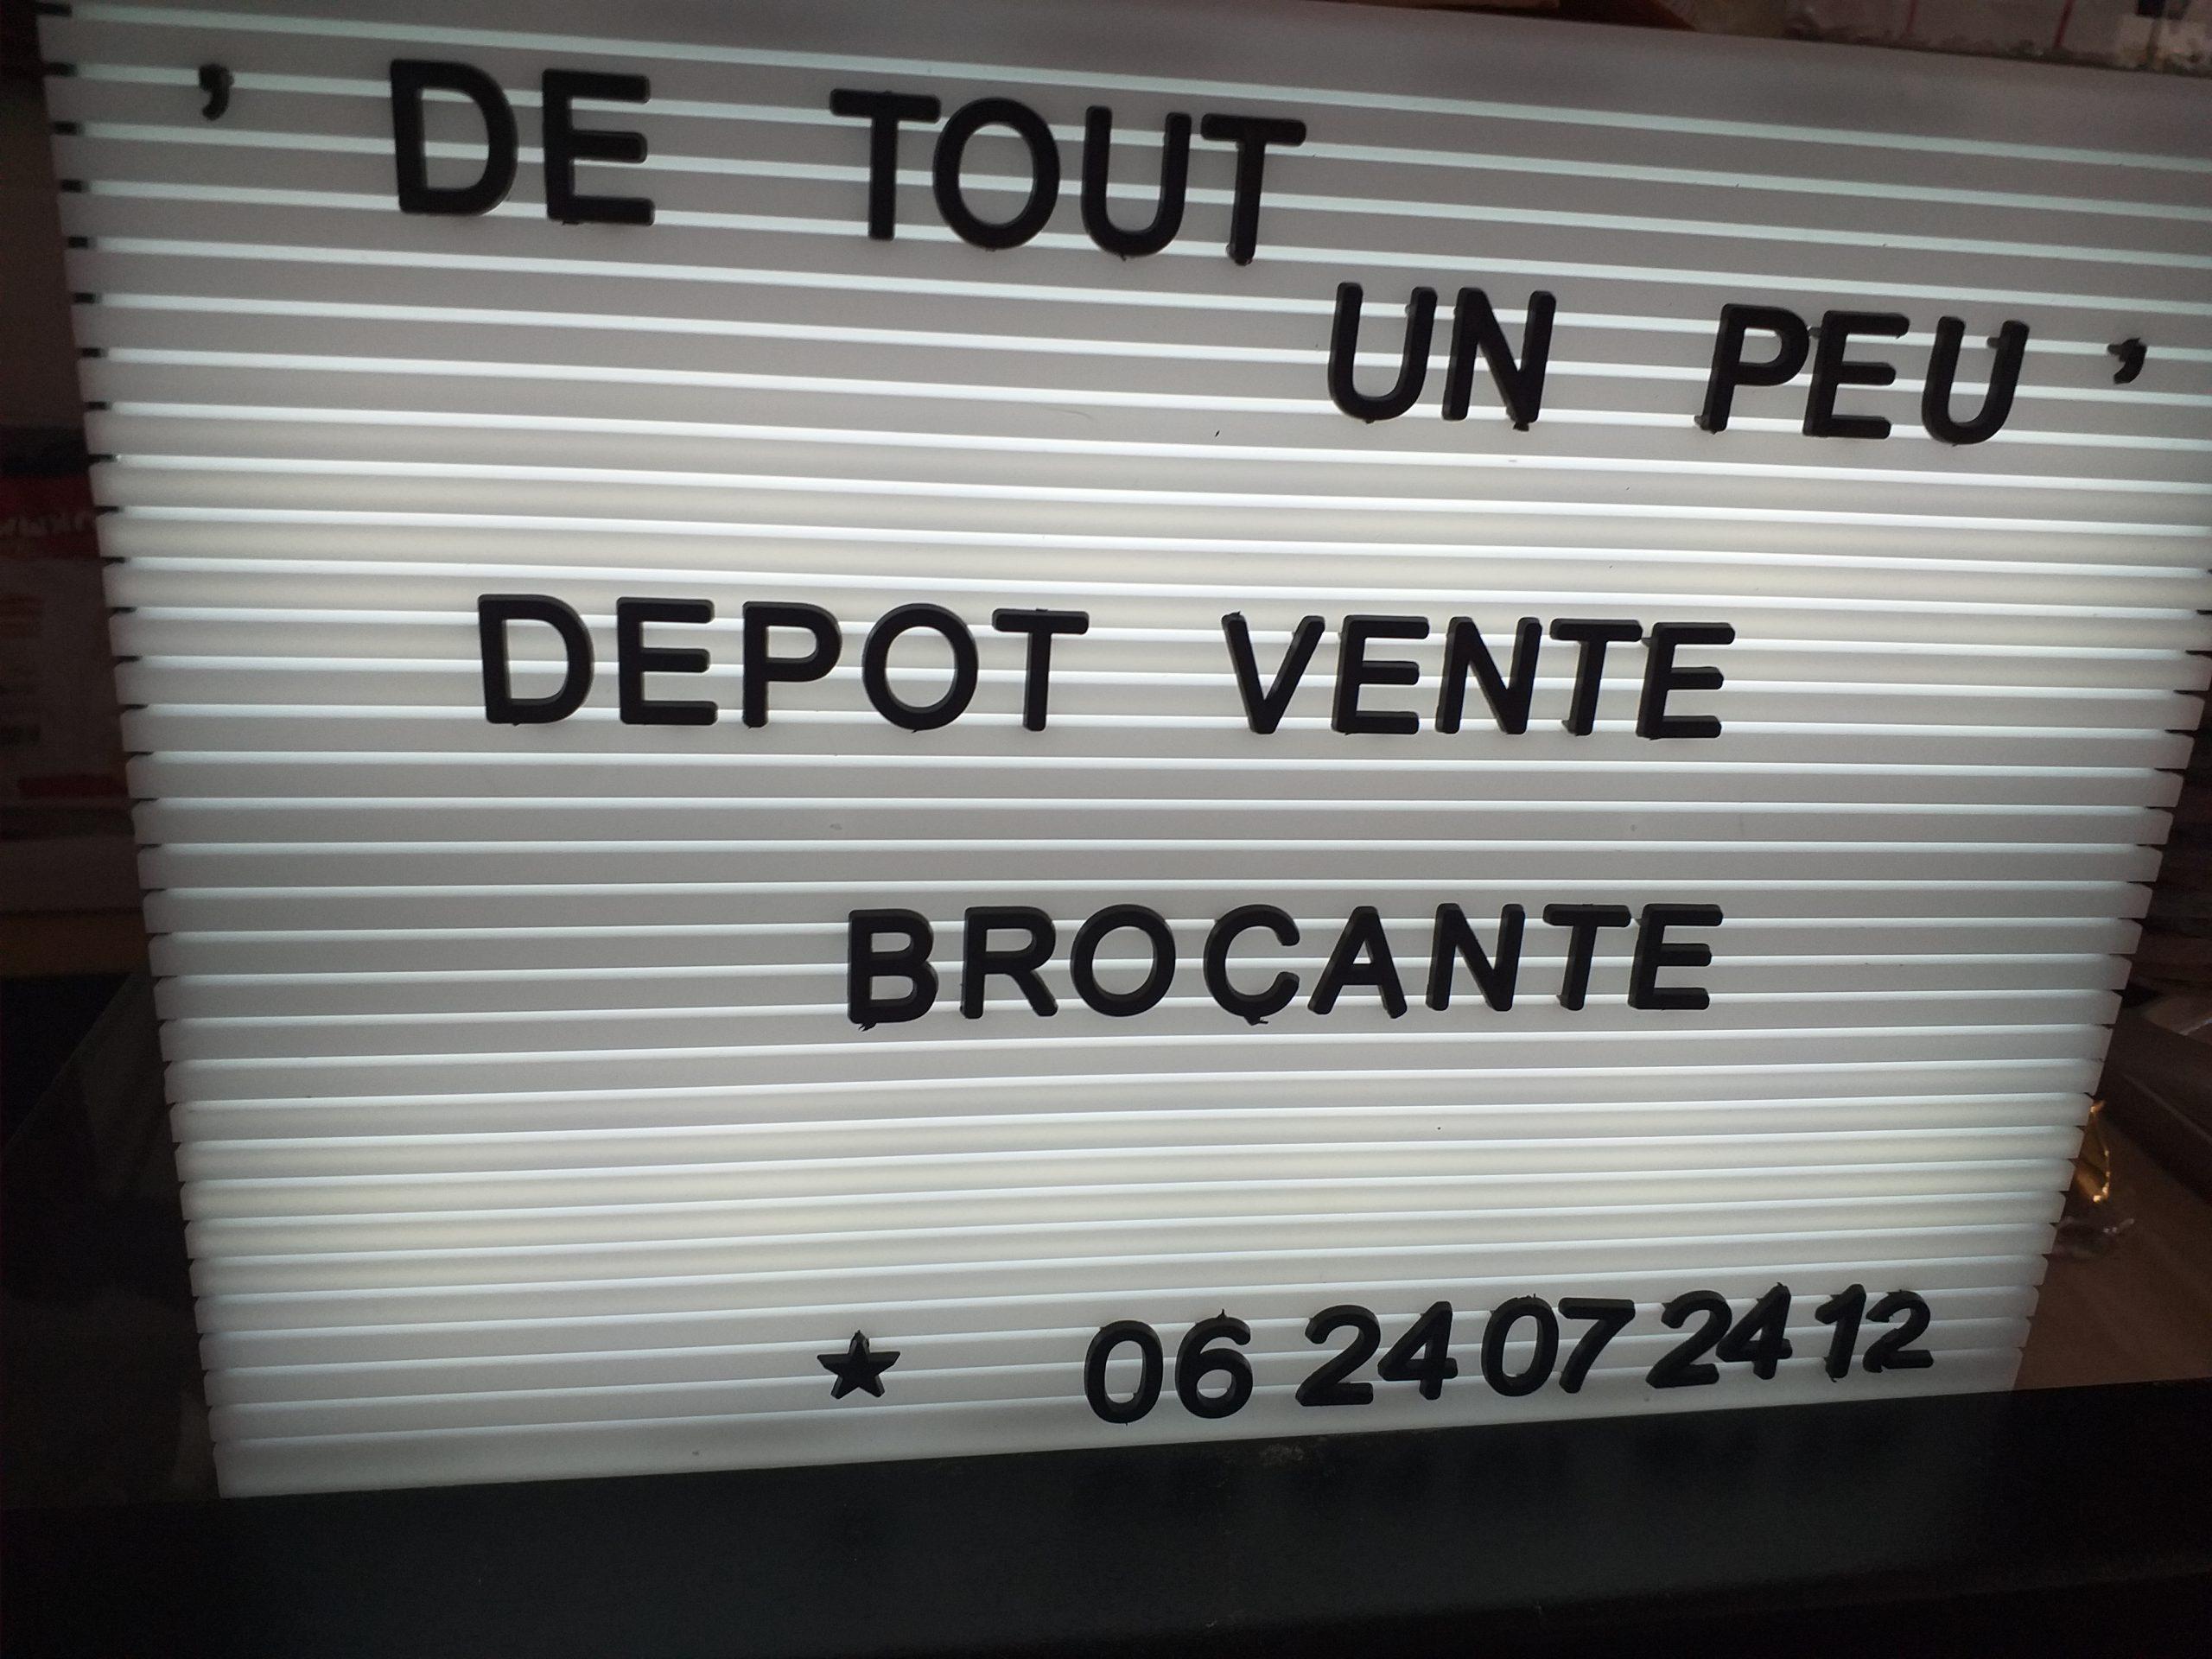 *DE TOUT UN PEU*DEPOT VENTE-BROCANTE